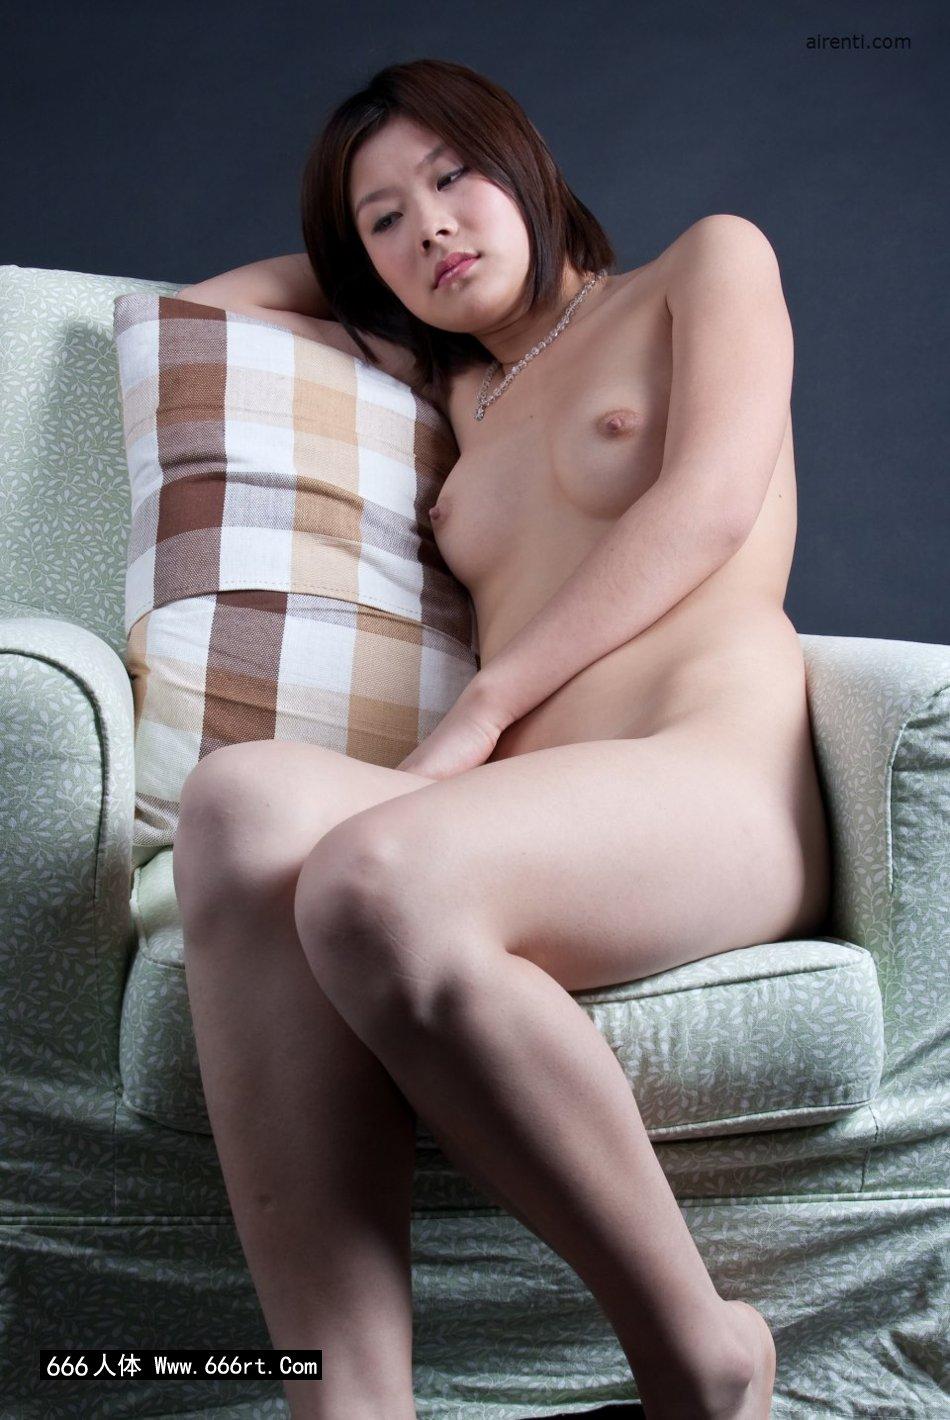 邻家姑娘宋蕊布艺沙发上室拍人体